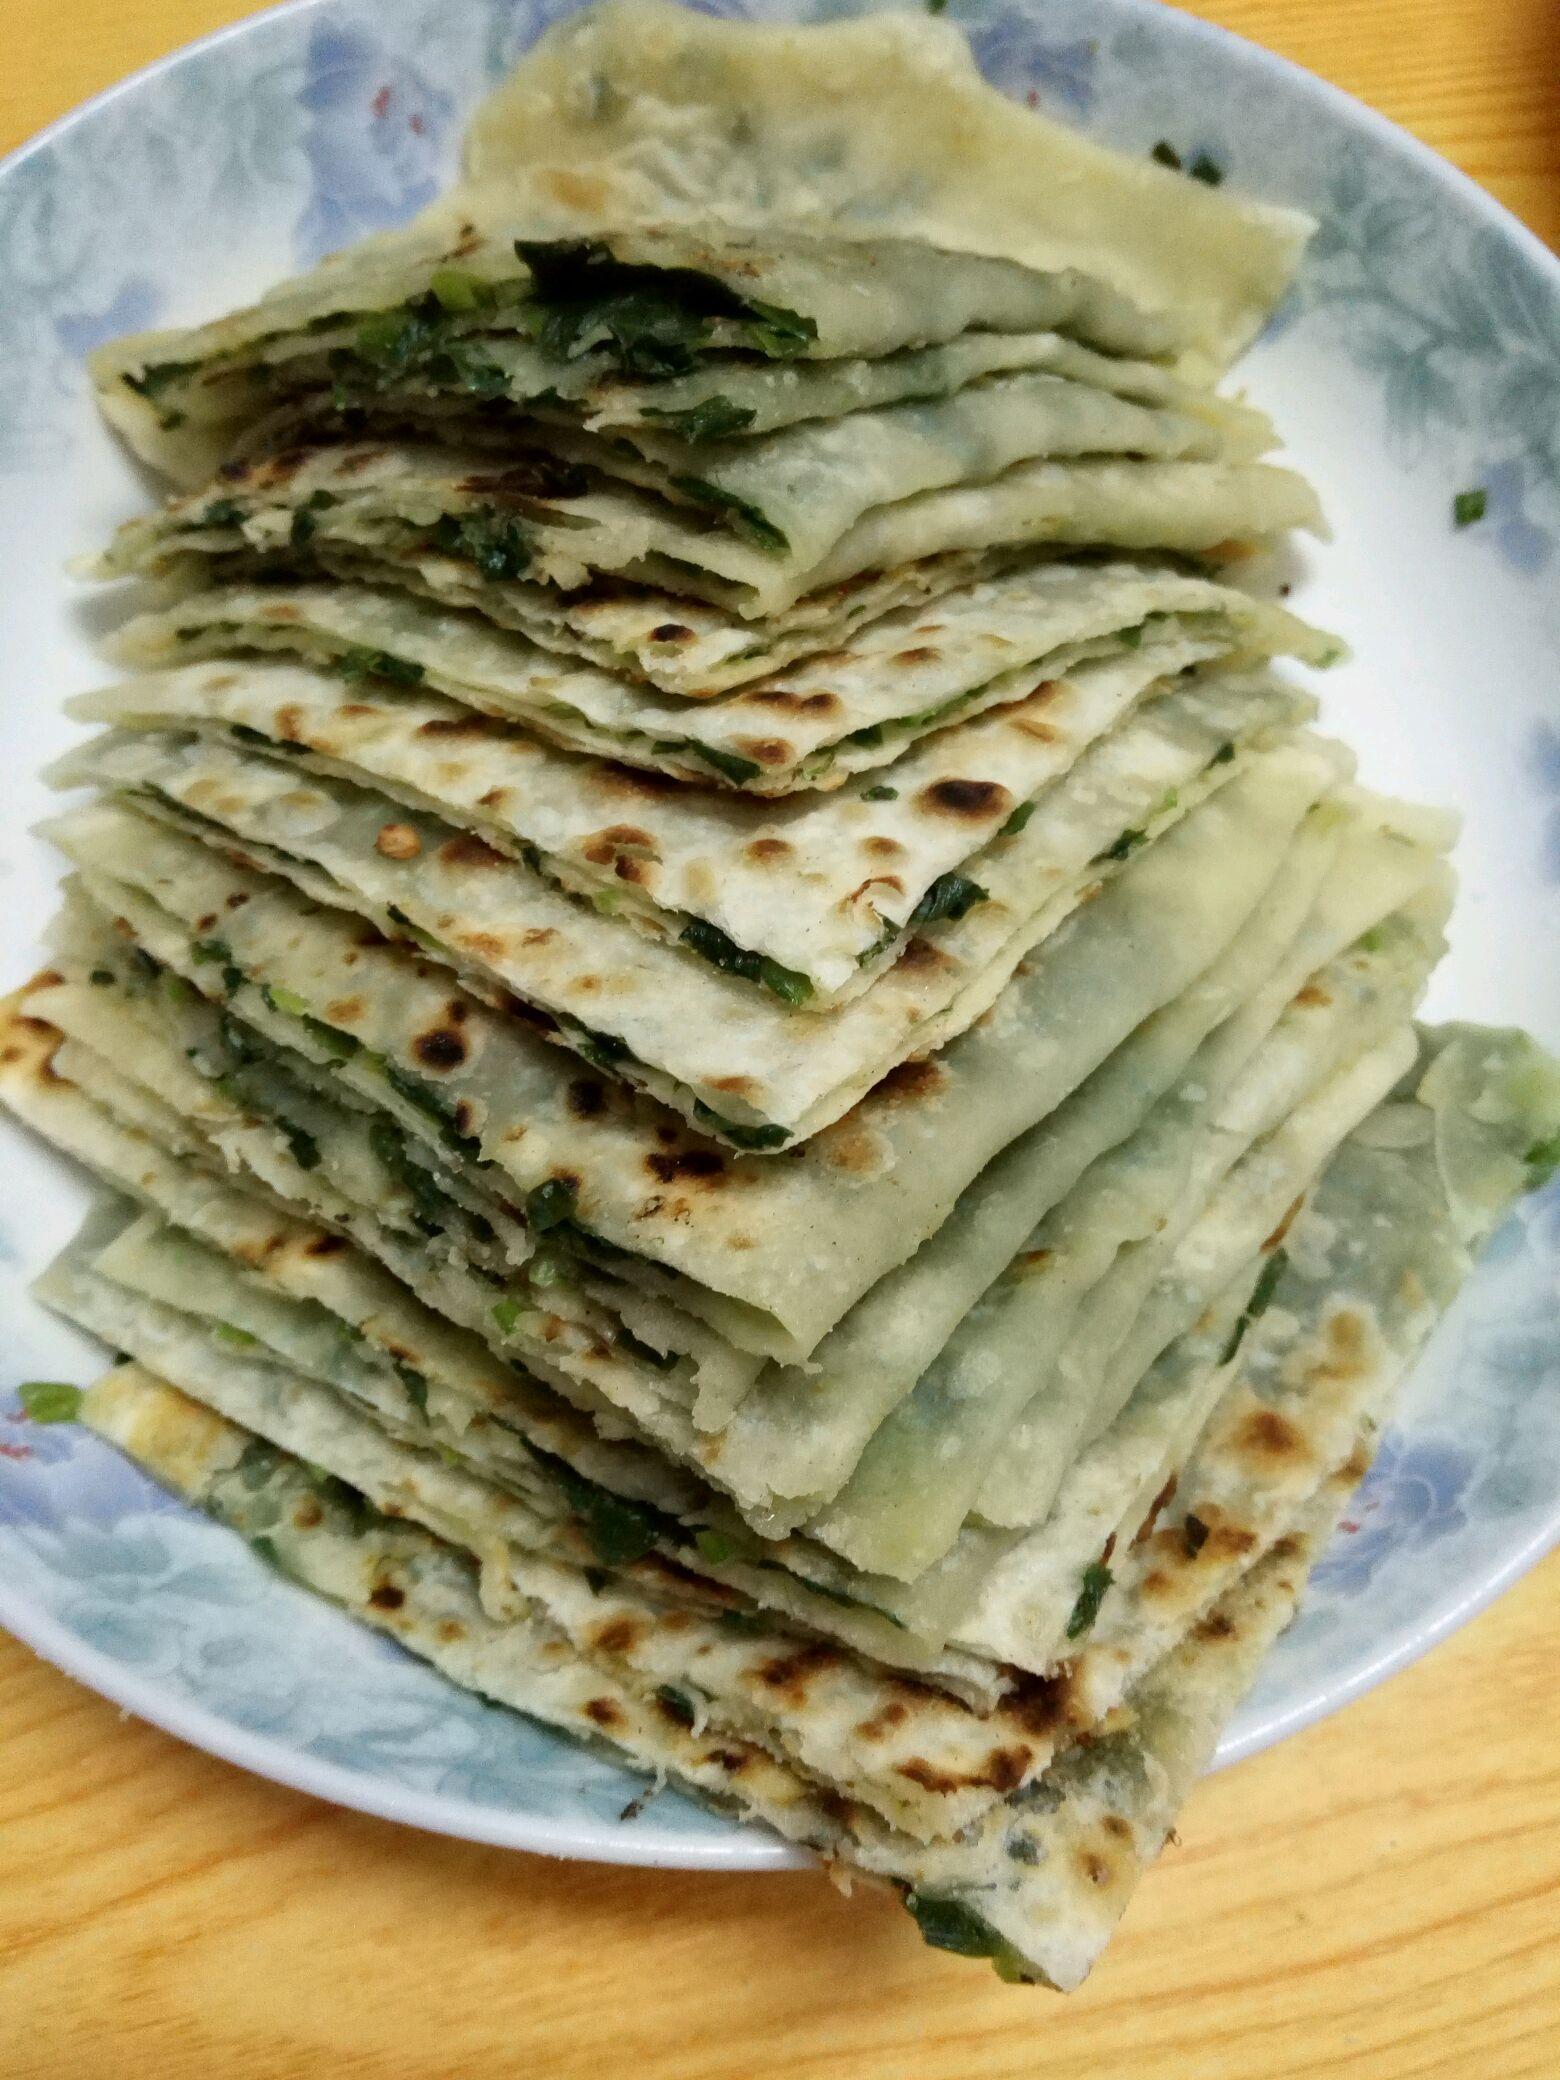 韭菜煎饼的做法_【图解】韭菜煎饼怎么做如何做好吃